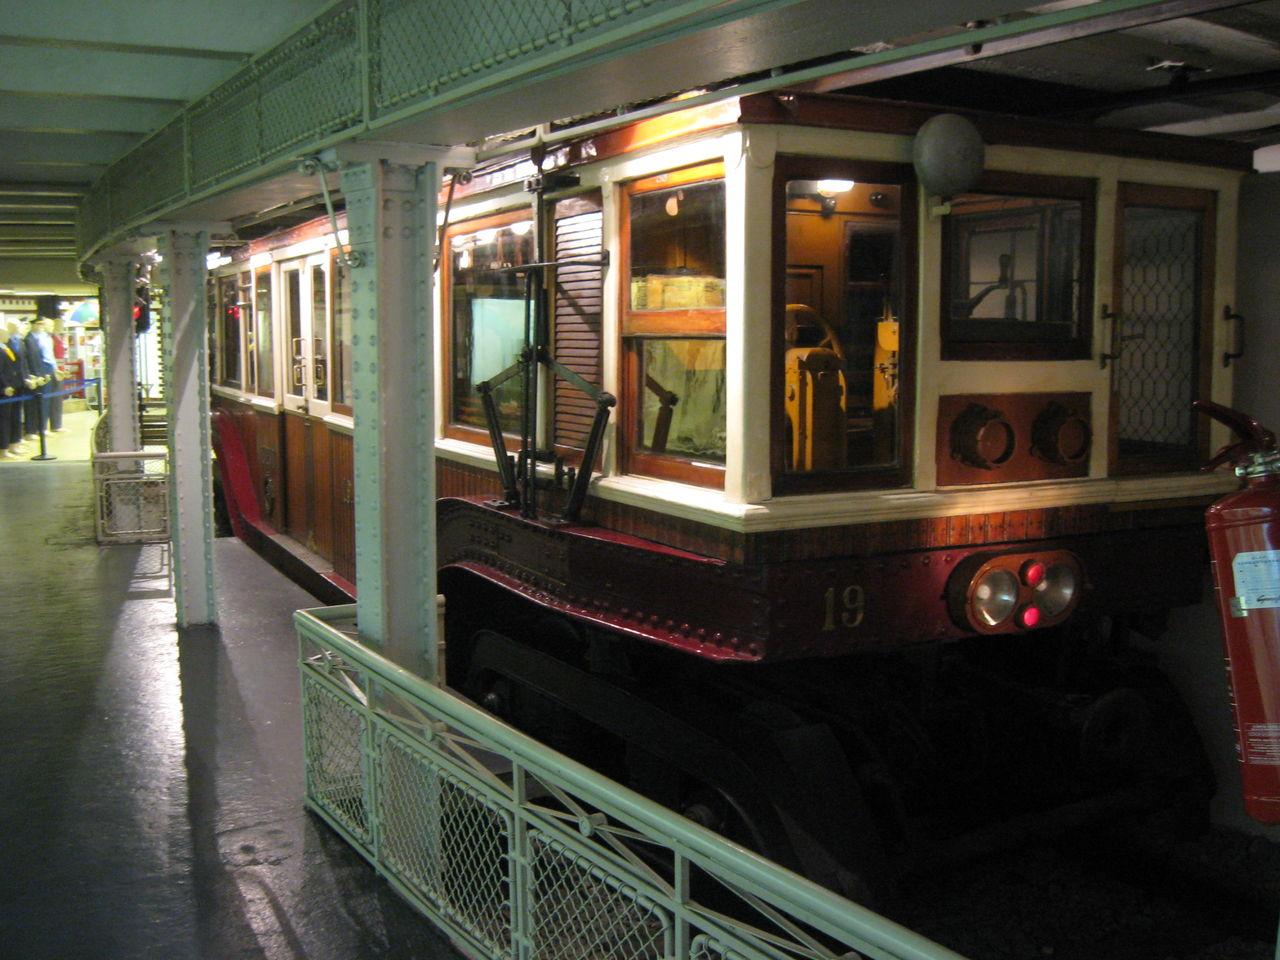 ブダペスト地下鉄の画像 p1_26